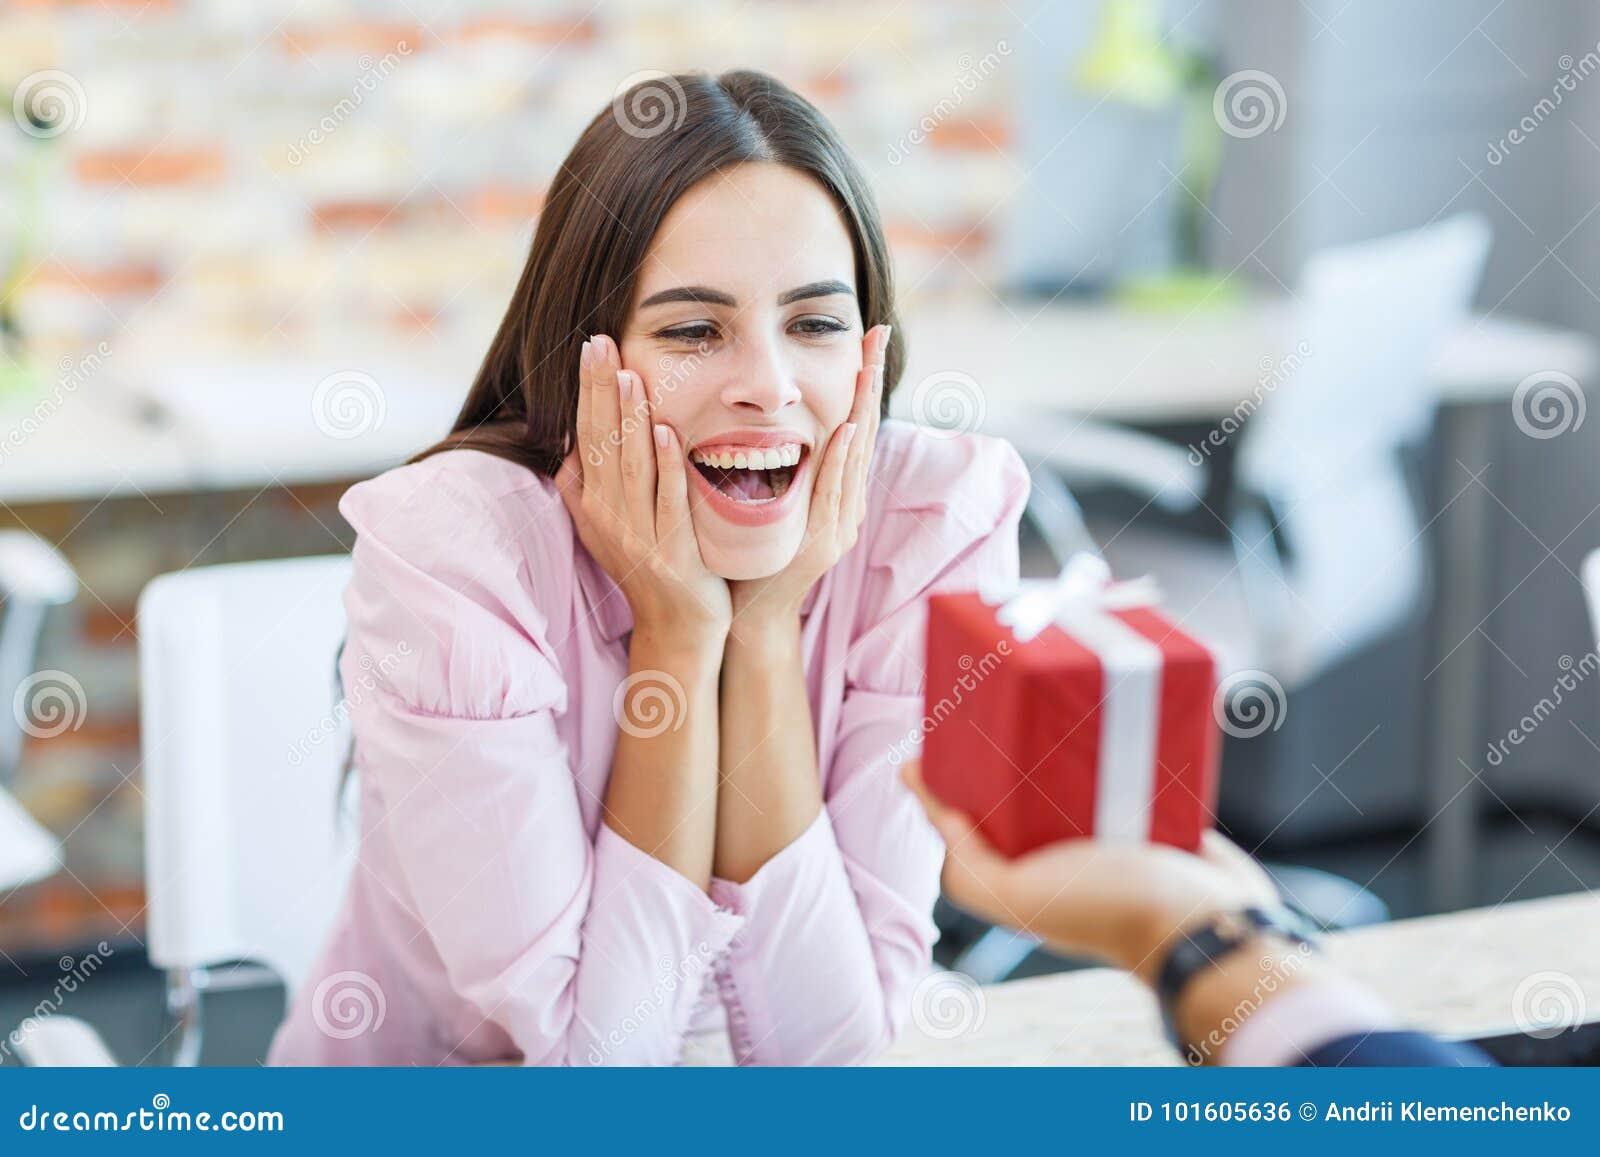 Счастливая девушка работая в офисе получила подарок